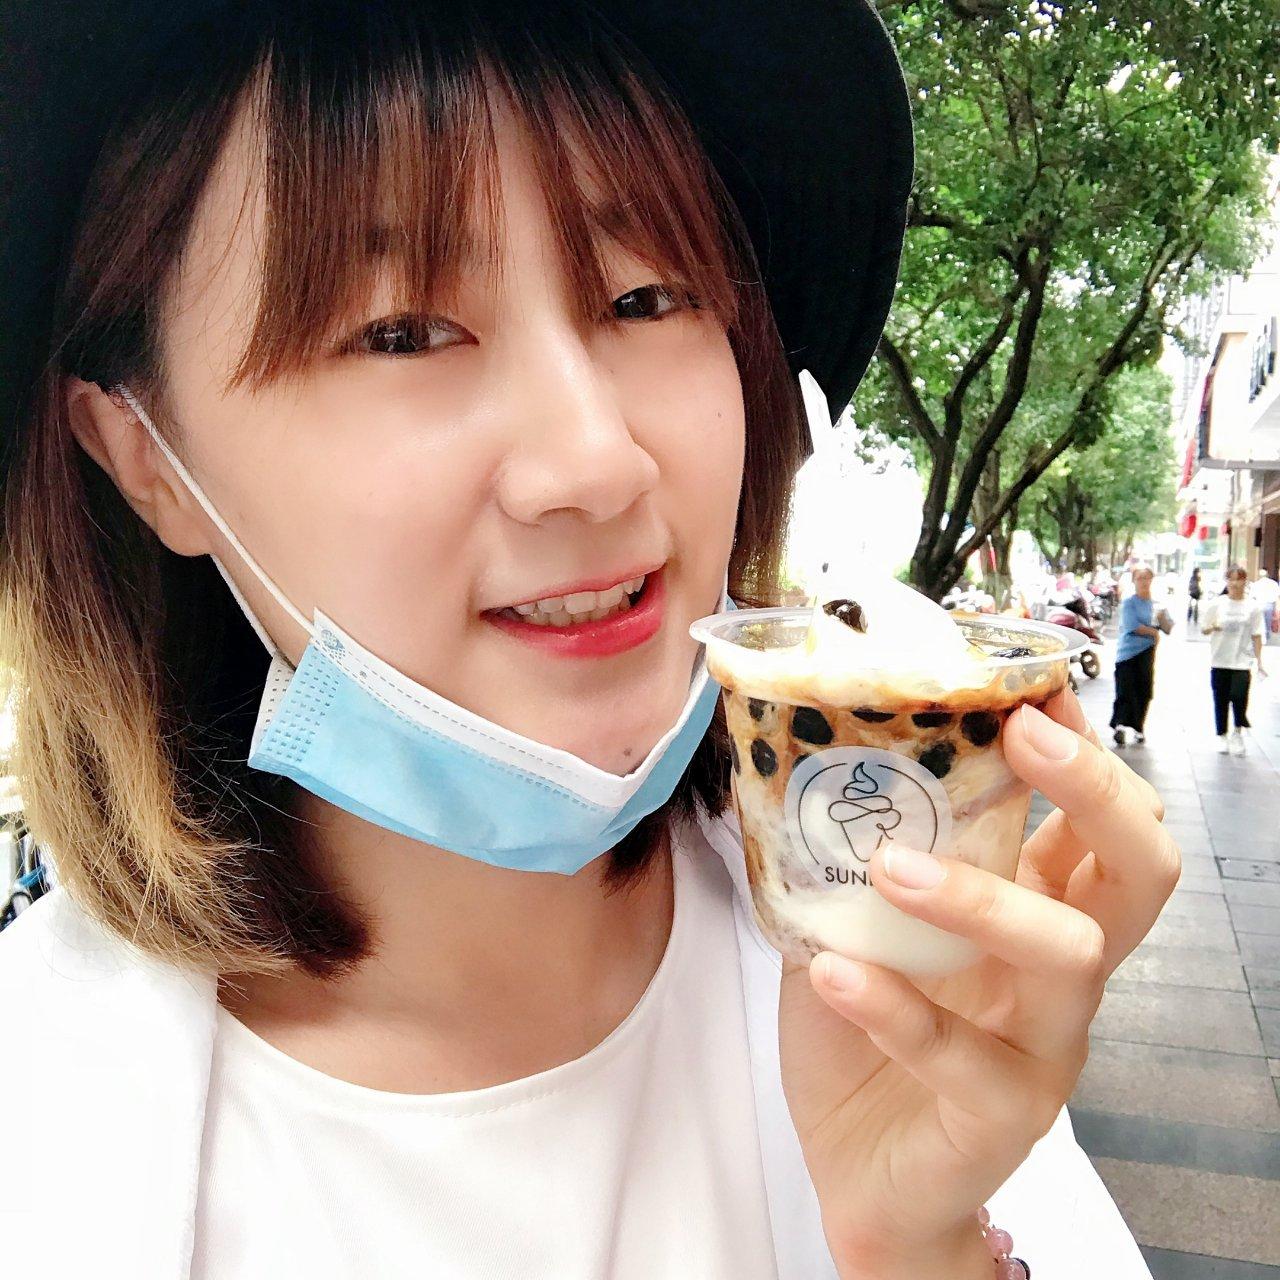 哇肯德基又出新品啦~日向夏柑橘冰淇淋,是夏天的味道啊